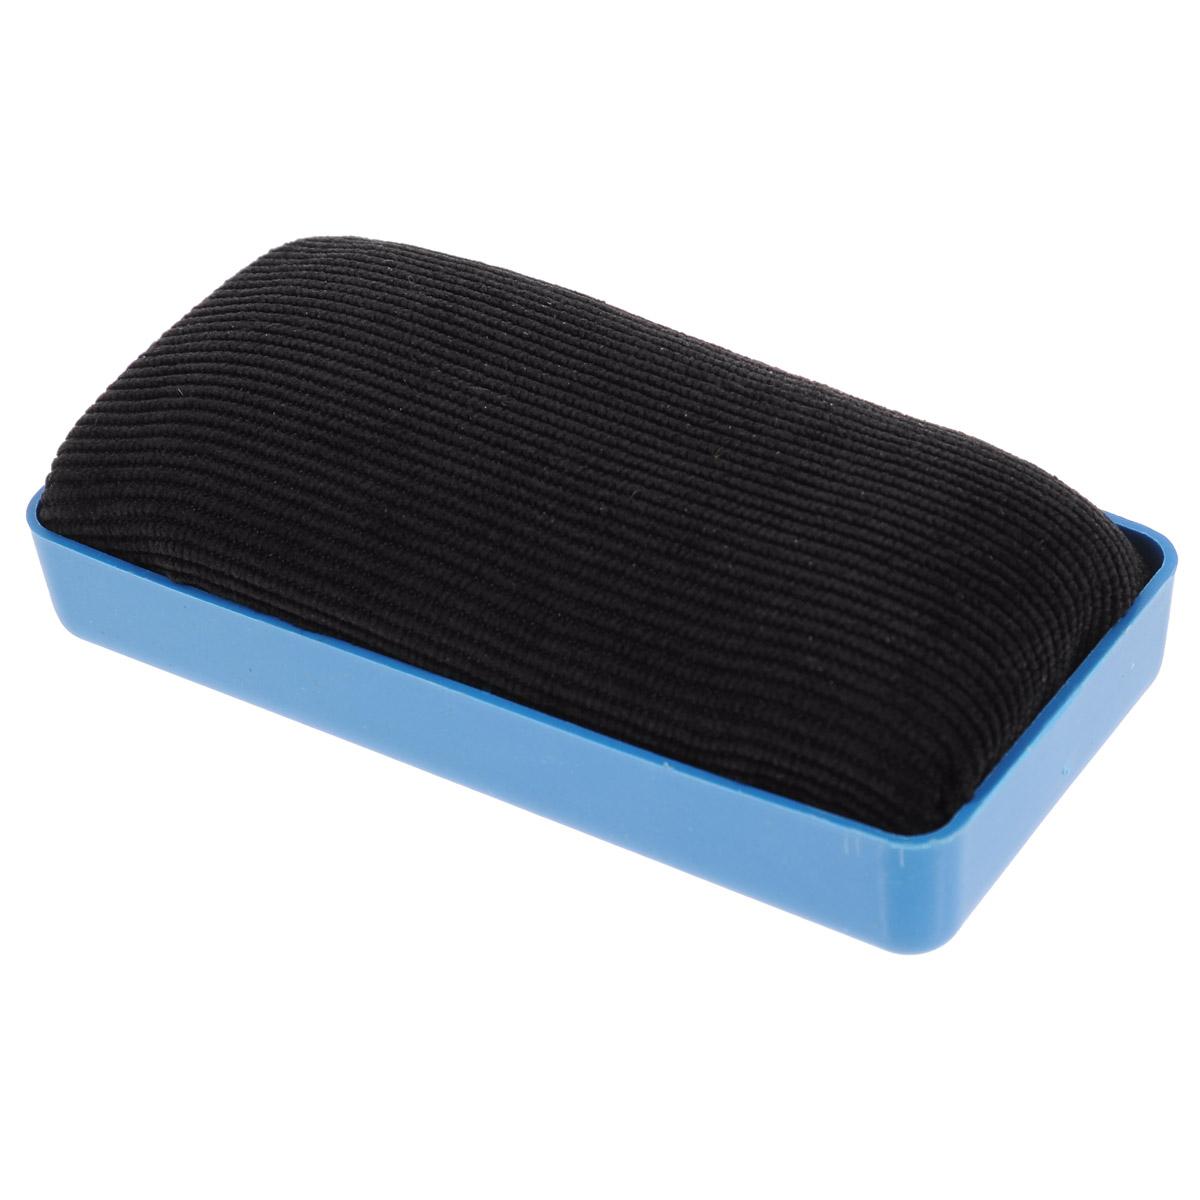 Губка для офисных досок Proff, цвет: синийPF-12403_синийГубка для офисных досок Proff - неотъемлемый атрибут любого офиса. Она предназначена специально для маркерных и меловых досок. Губка имеет прямоугольную форму. Верхняя ее часть изготовлена из пластика синего цвета с двумя магнитными полосками. Стирающий элемент выполнен из мягкой вельвета и поролона.